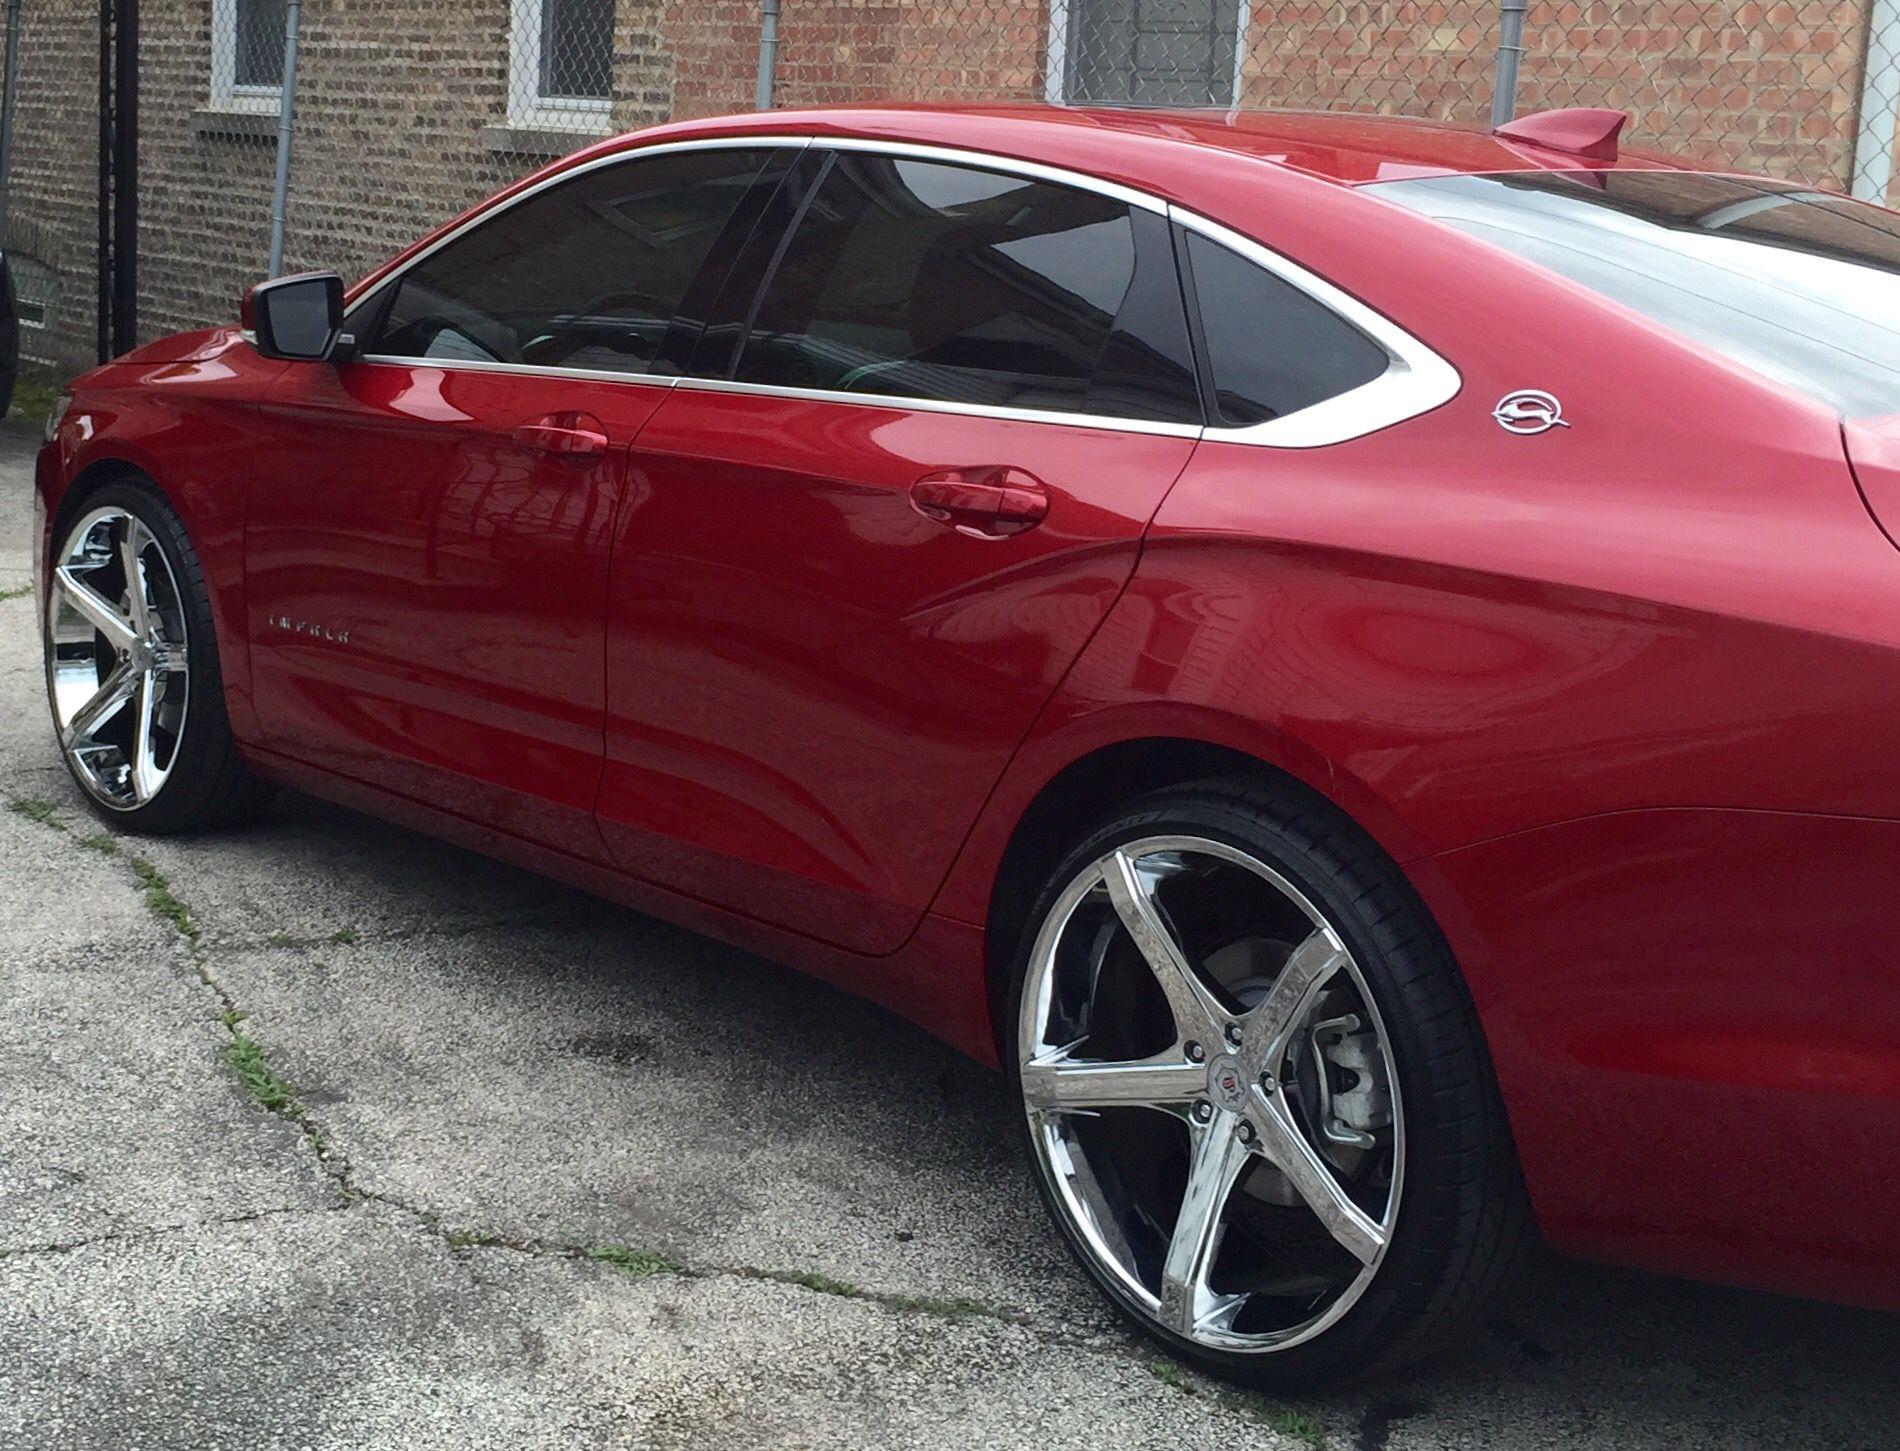 New Rims And Tint To My 2015 Impala Chevy Impala New Impala